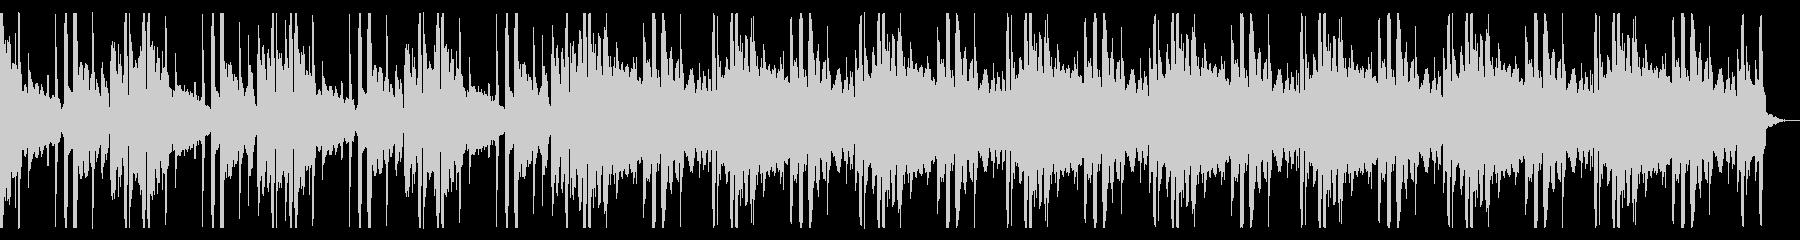 解放されるようなBGM_No631_3の未再生の波形